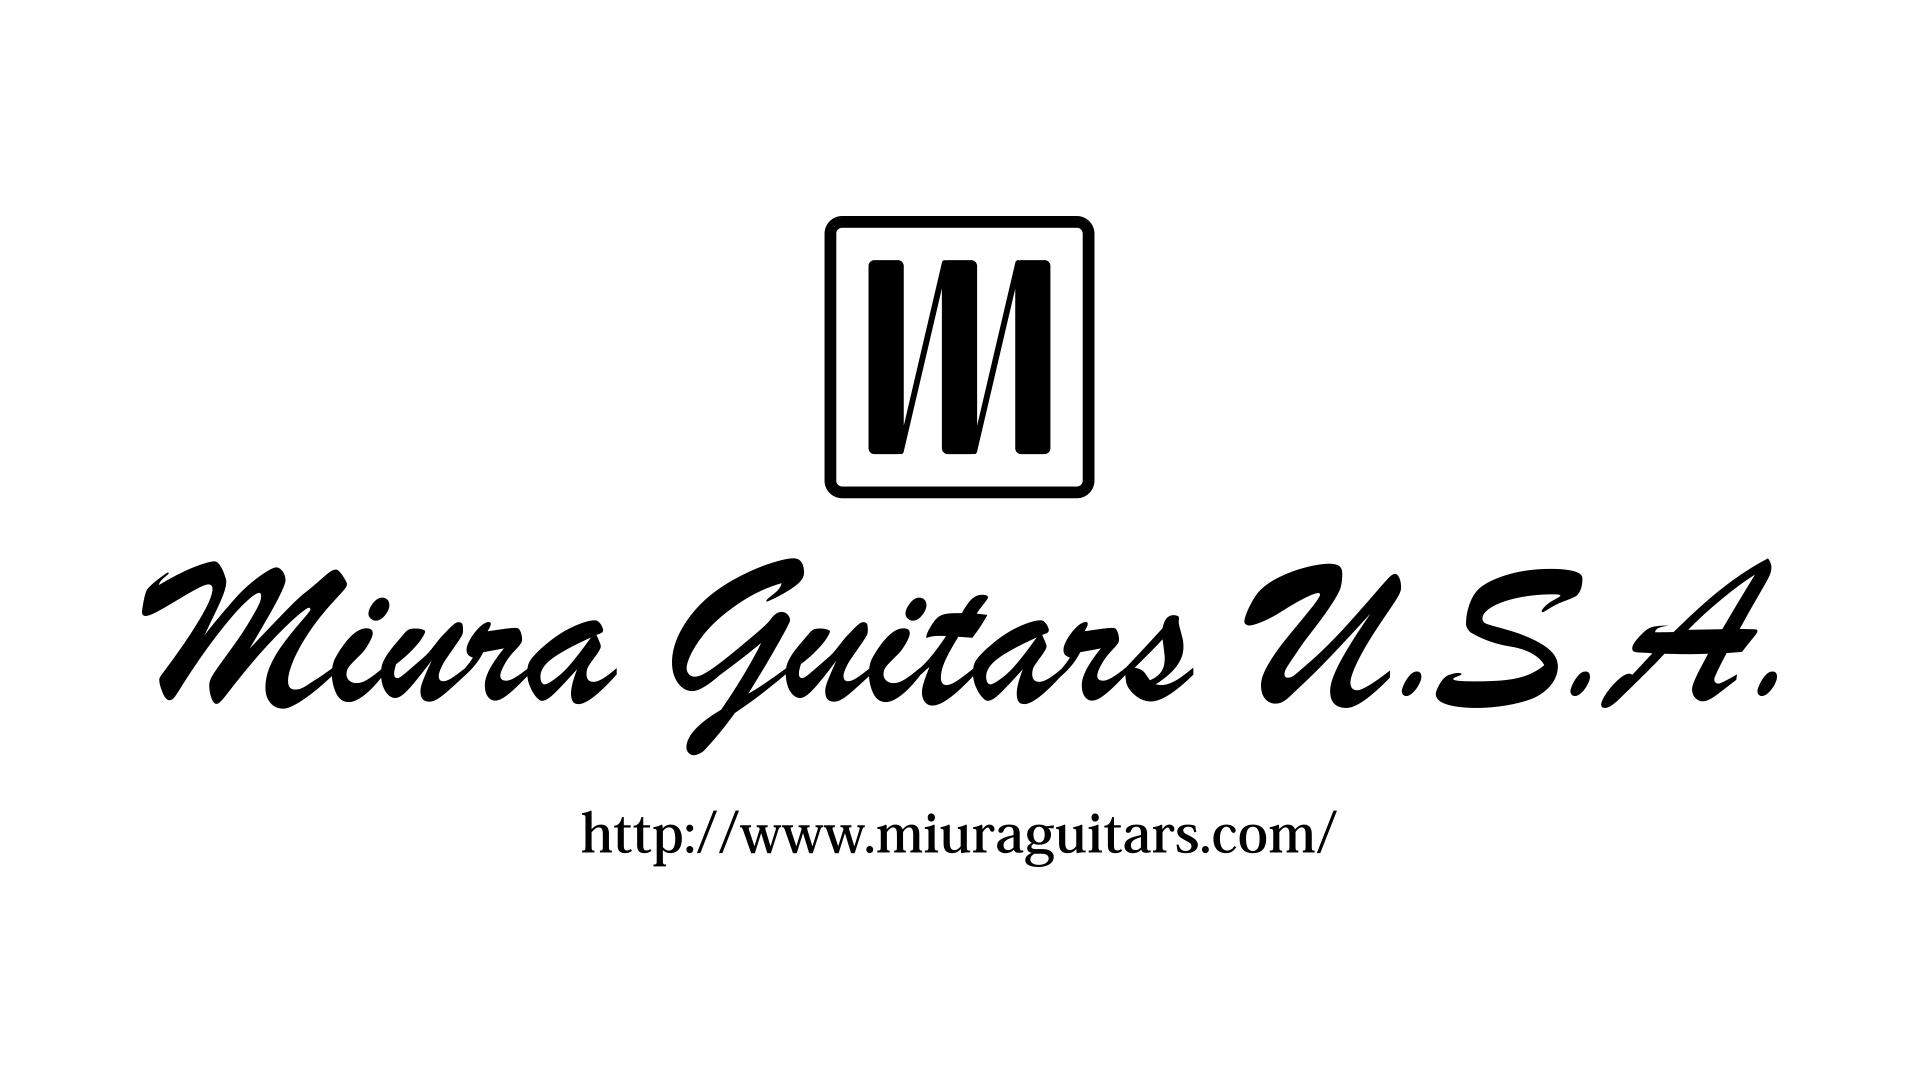 Miuta Guitars U.S.A